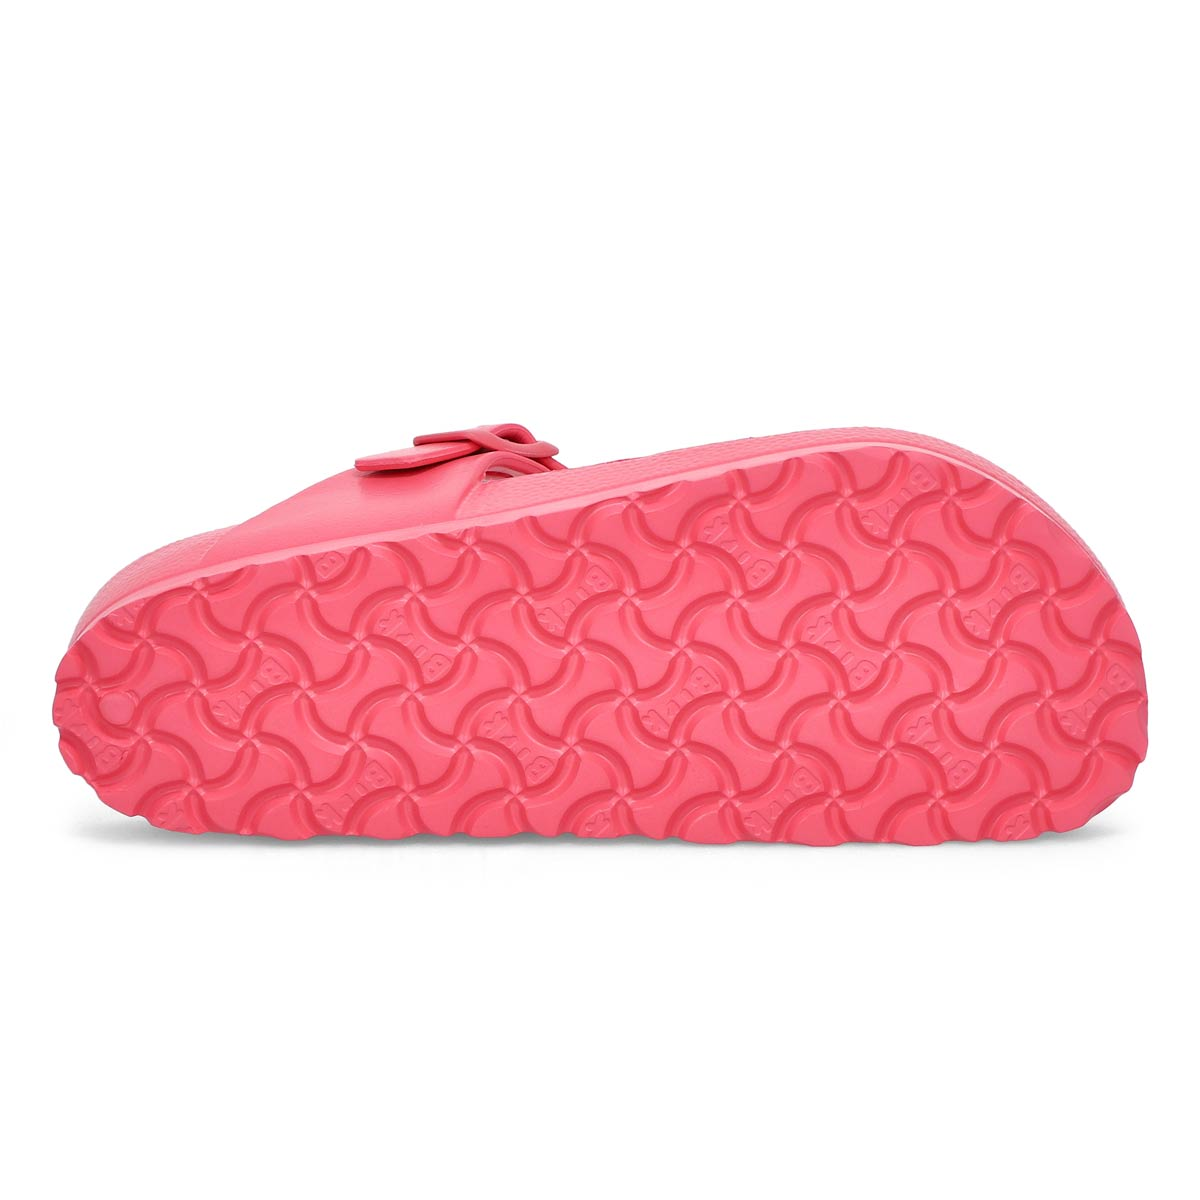 Women's Gizeh EVA Thong Sandal - Watermelon